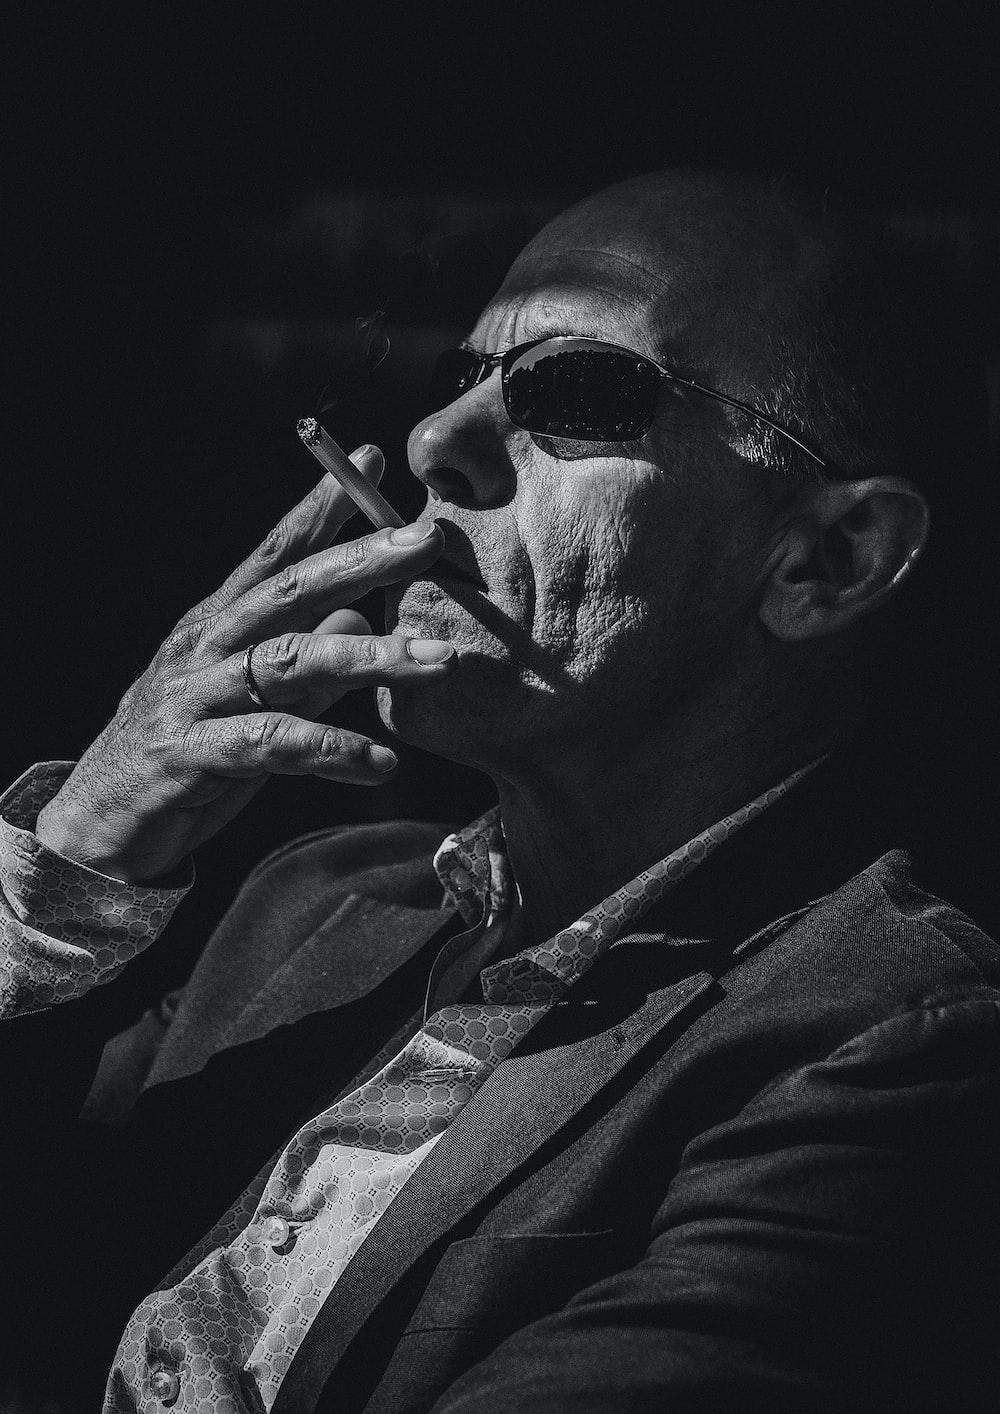 man smokes cigarette in monochrome photo